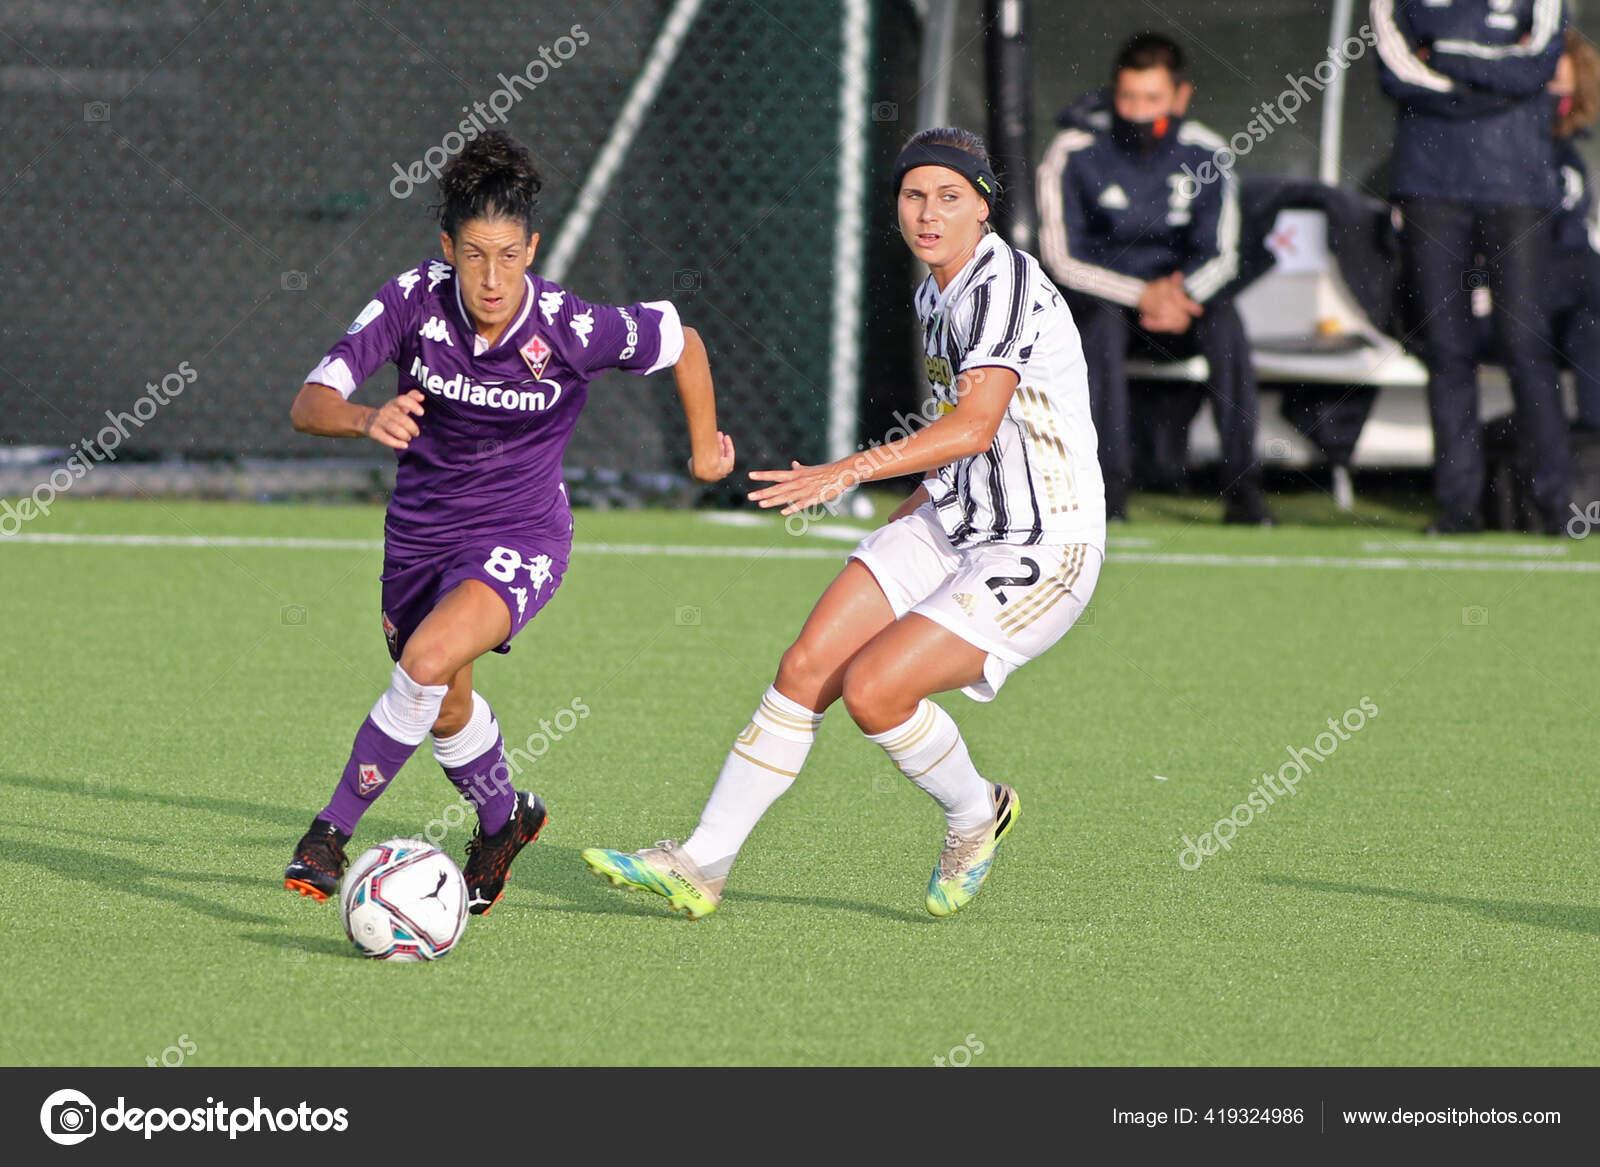 Claudia Pires Neto Fiorentina Juventus Acf Fiorentina Femminile Turin Italy  – Stock Editorial Photo © livephotosport #419324986